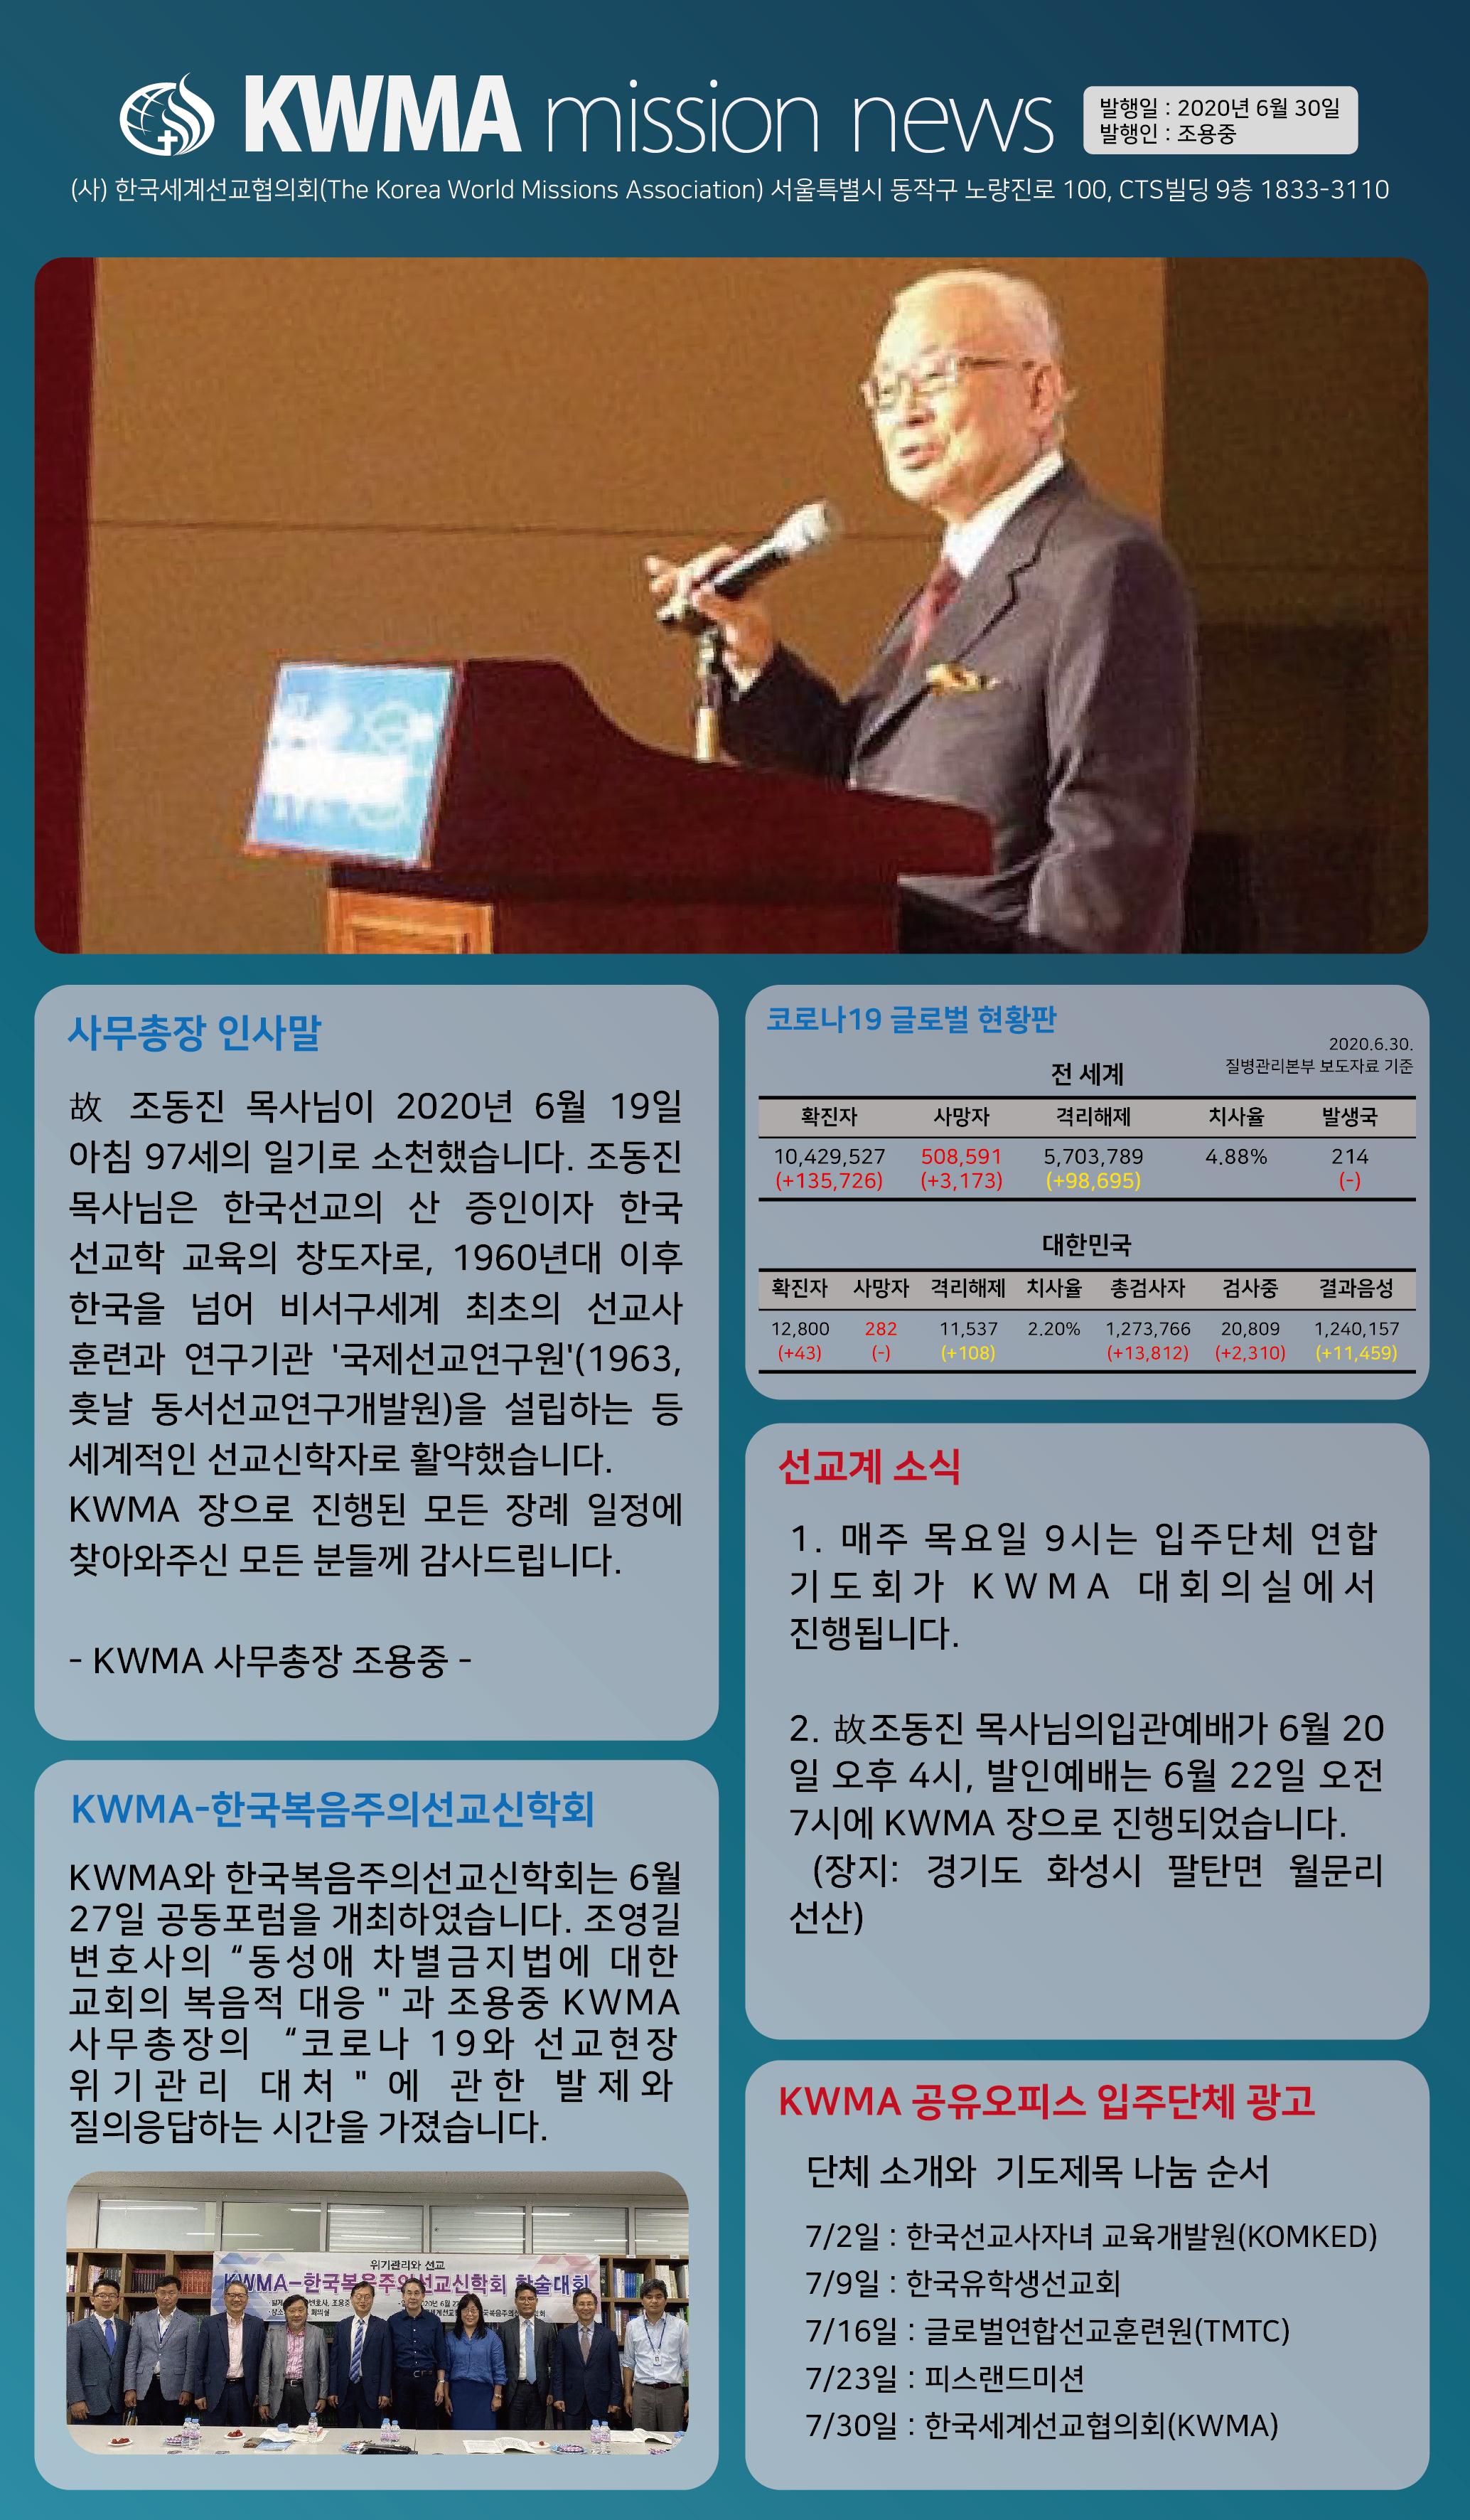 제20-4호_KWMA 뉴스레터_대지 1.jpg